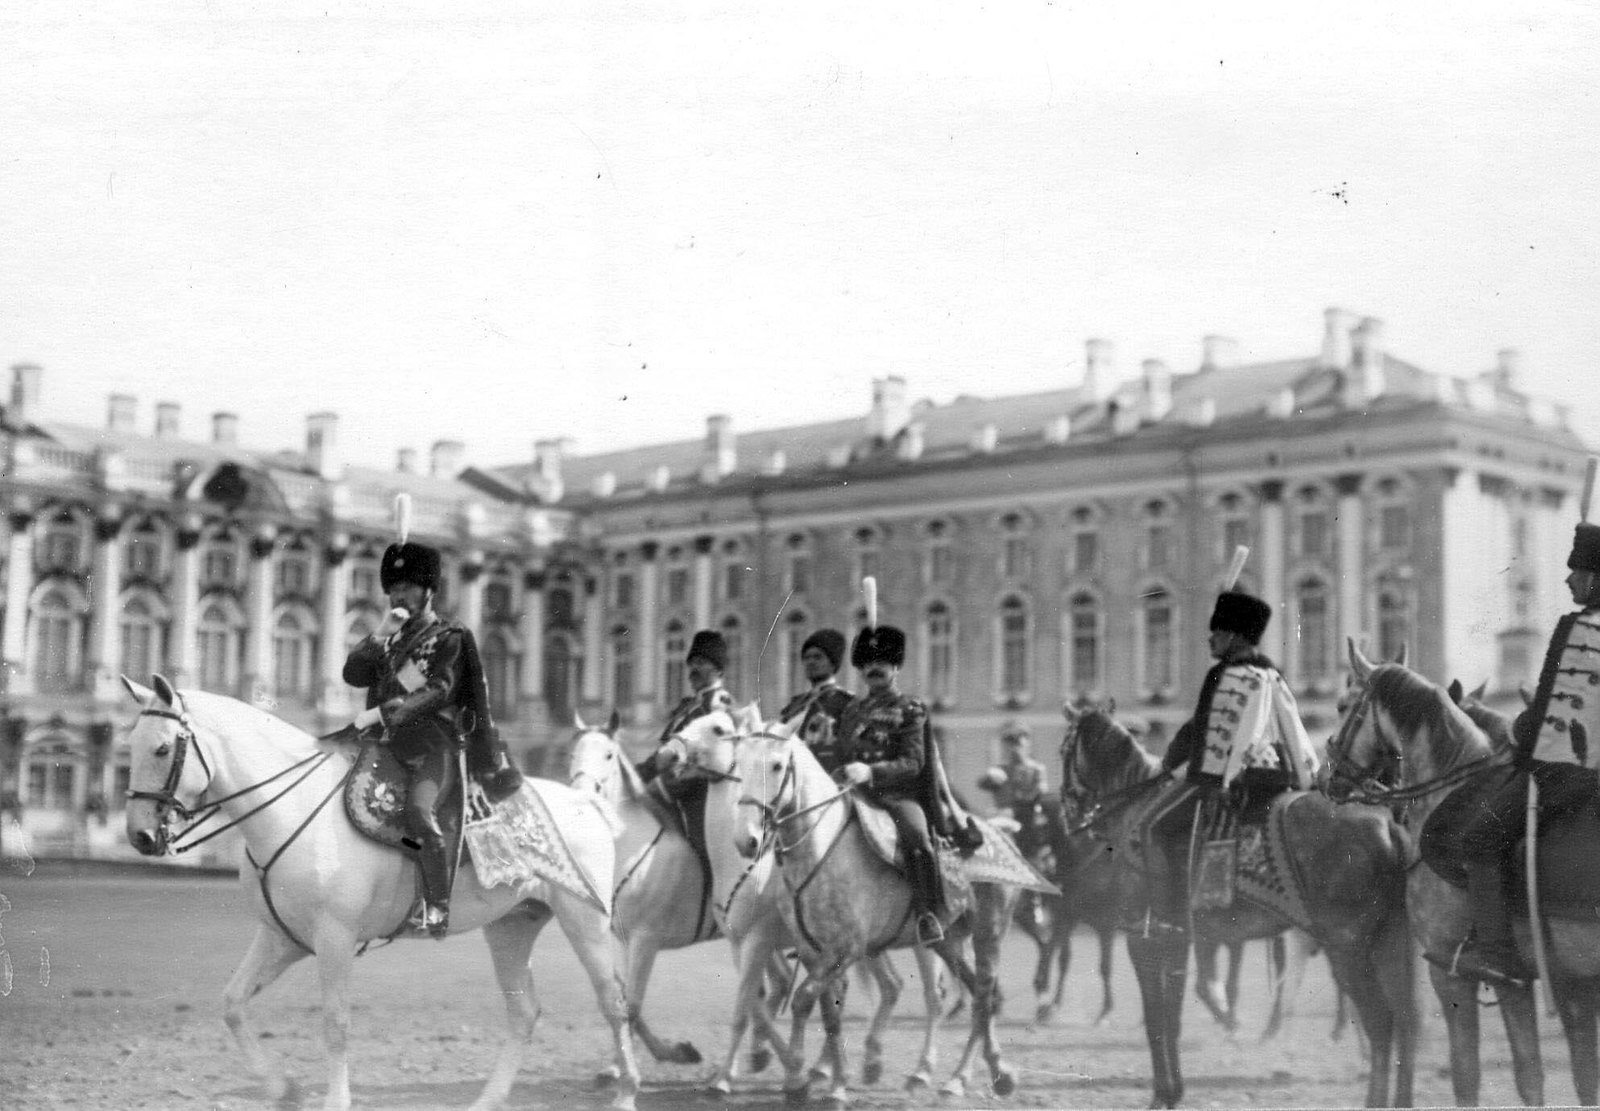 1910. Император Николай II и командир полка В. Н. Воейков на параде лейб-гвардии Гусарского Его Величества полка